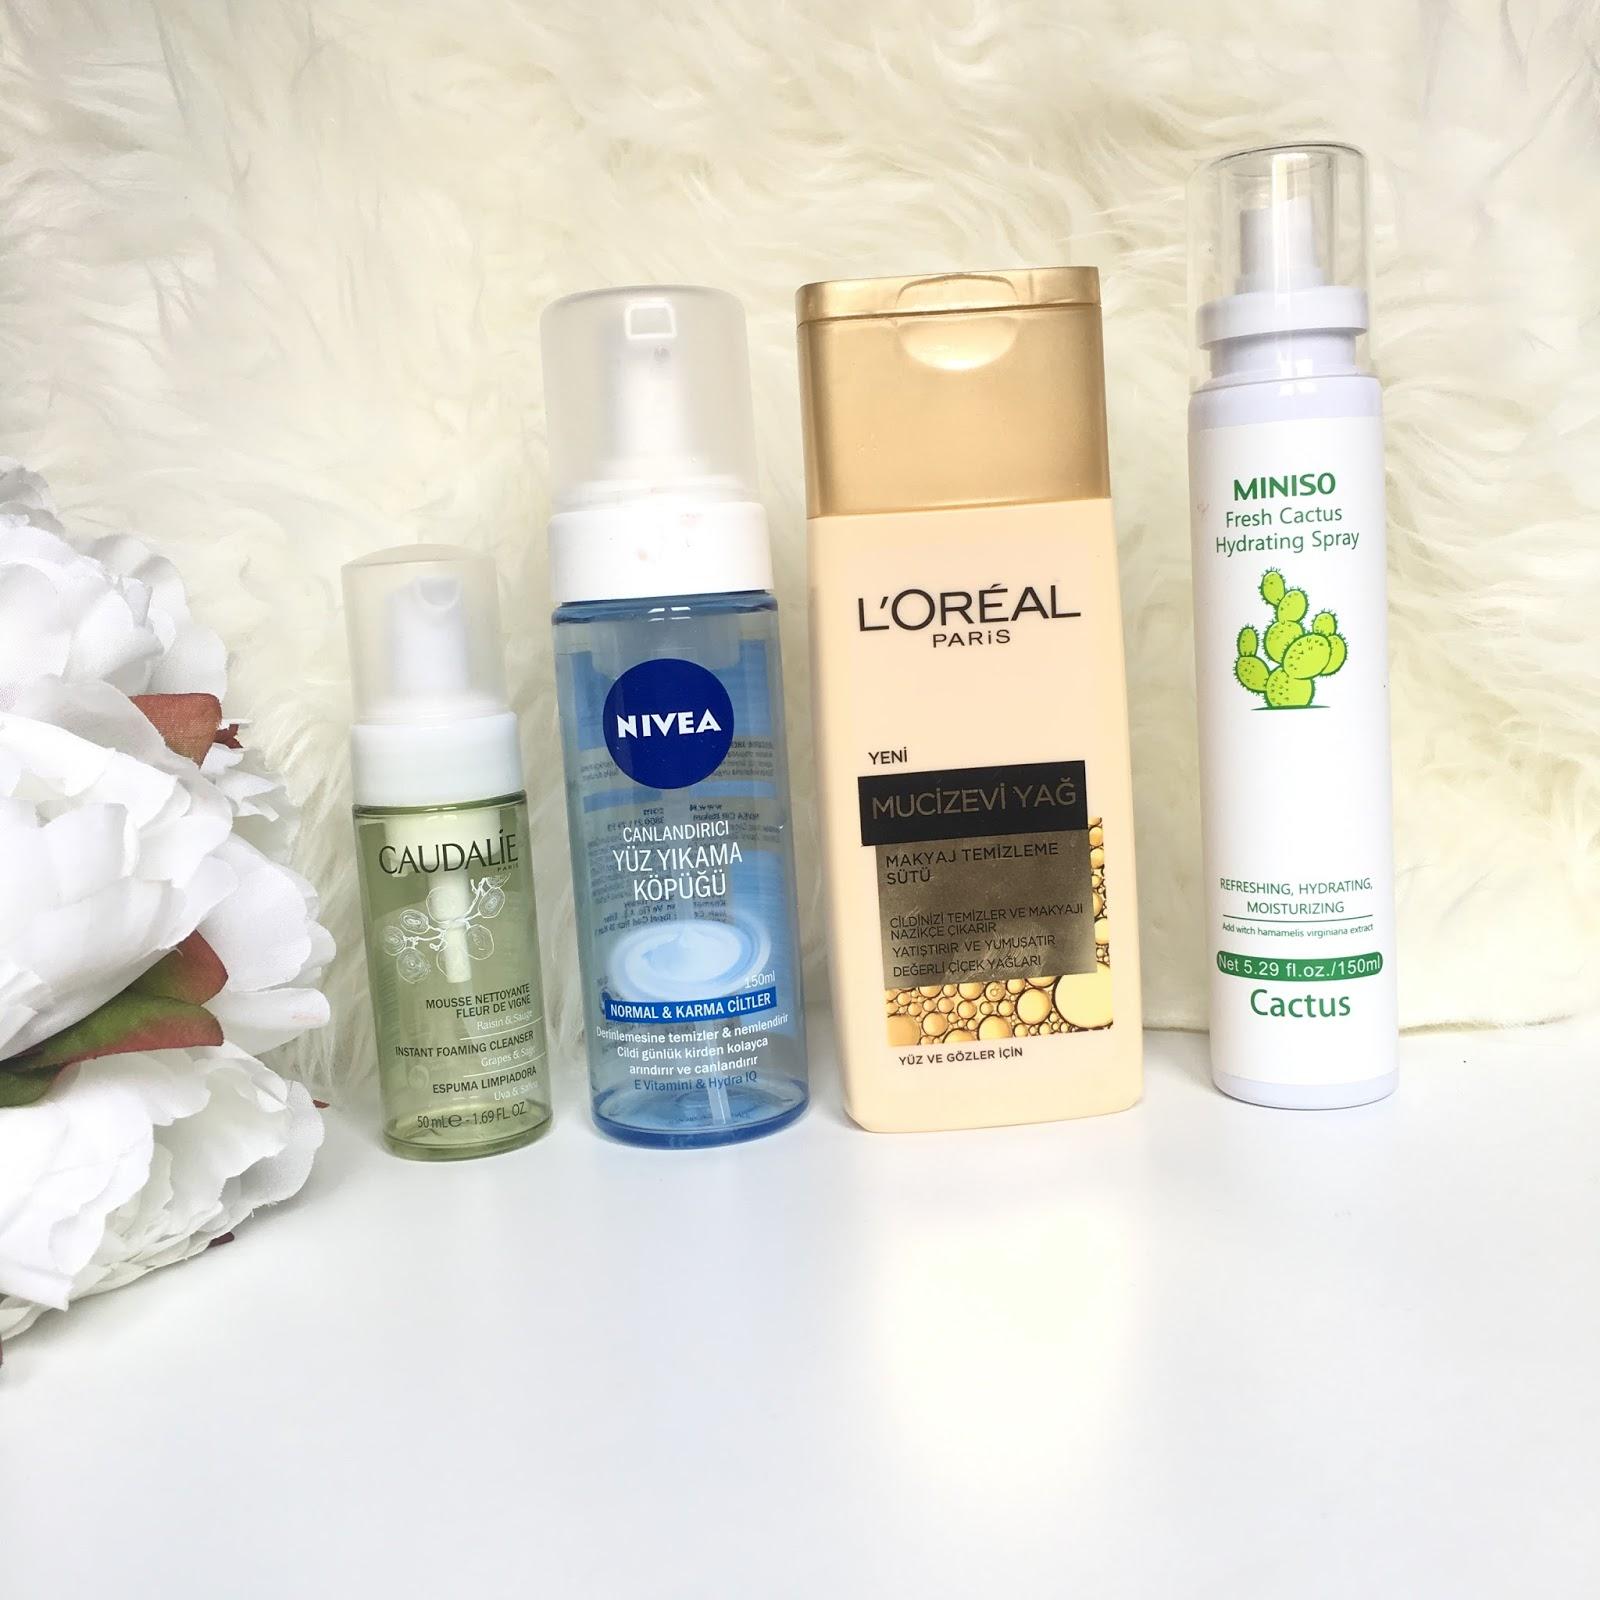 Ekim Ayının Öne Çıkan Kozmetik Ürünleri